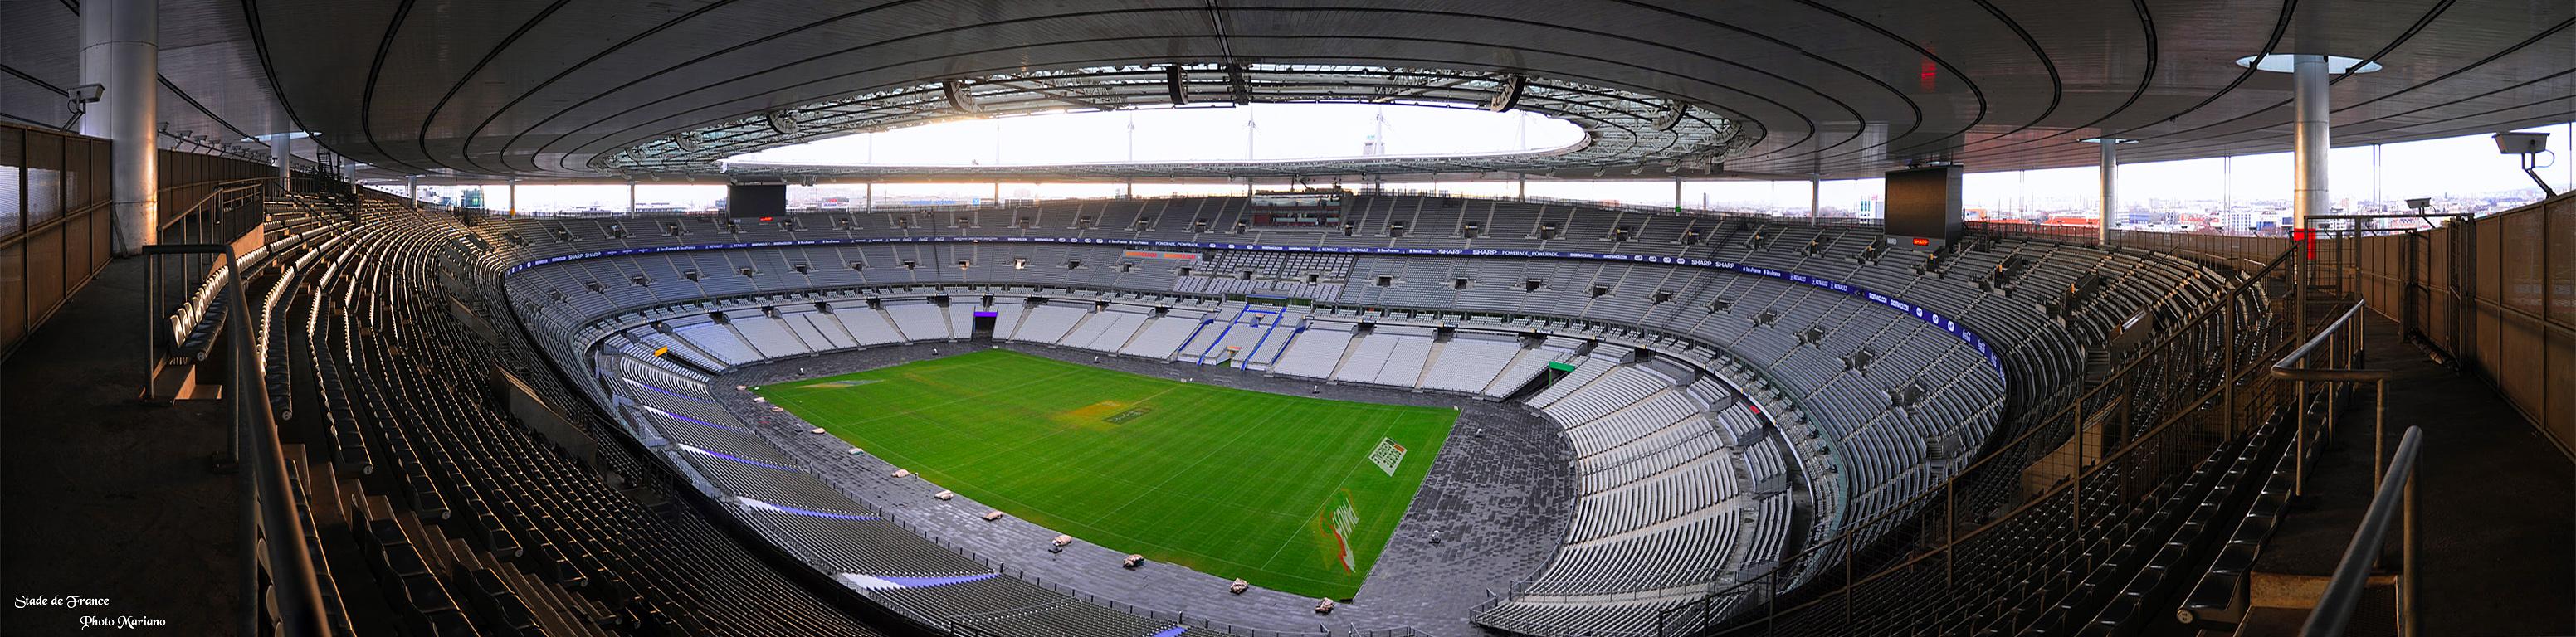 TOP 14 - La pelouse du Stade de France ne sera pas parfaite pour accueillir la finale du Top 14 ce samedi entre Toulouse et Clermont.